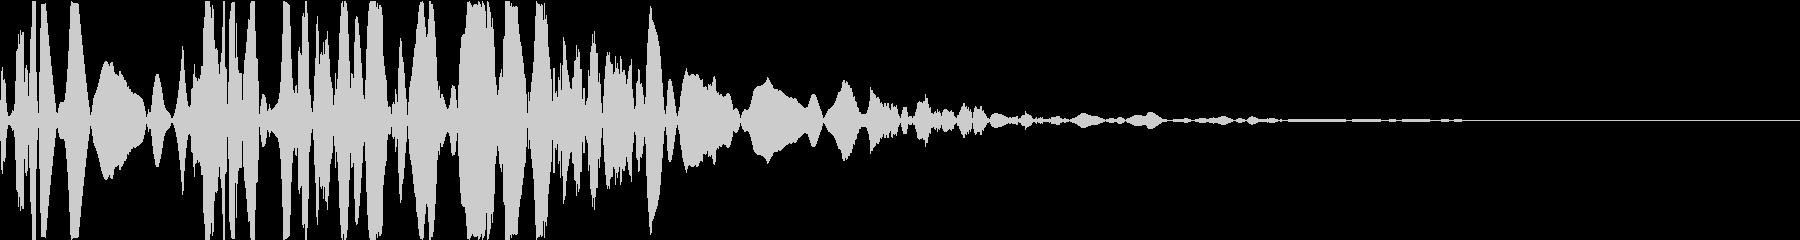 ベチャッ07(泥・液体系のアクション音)の未再生の波形